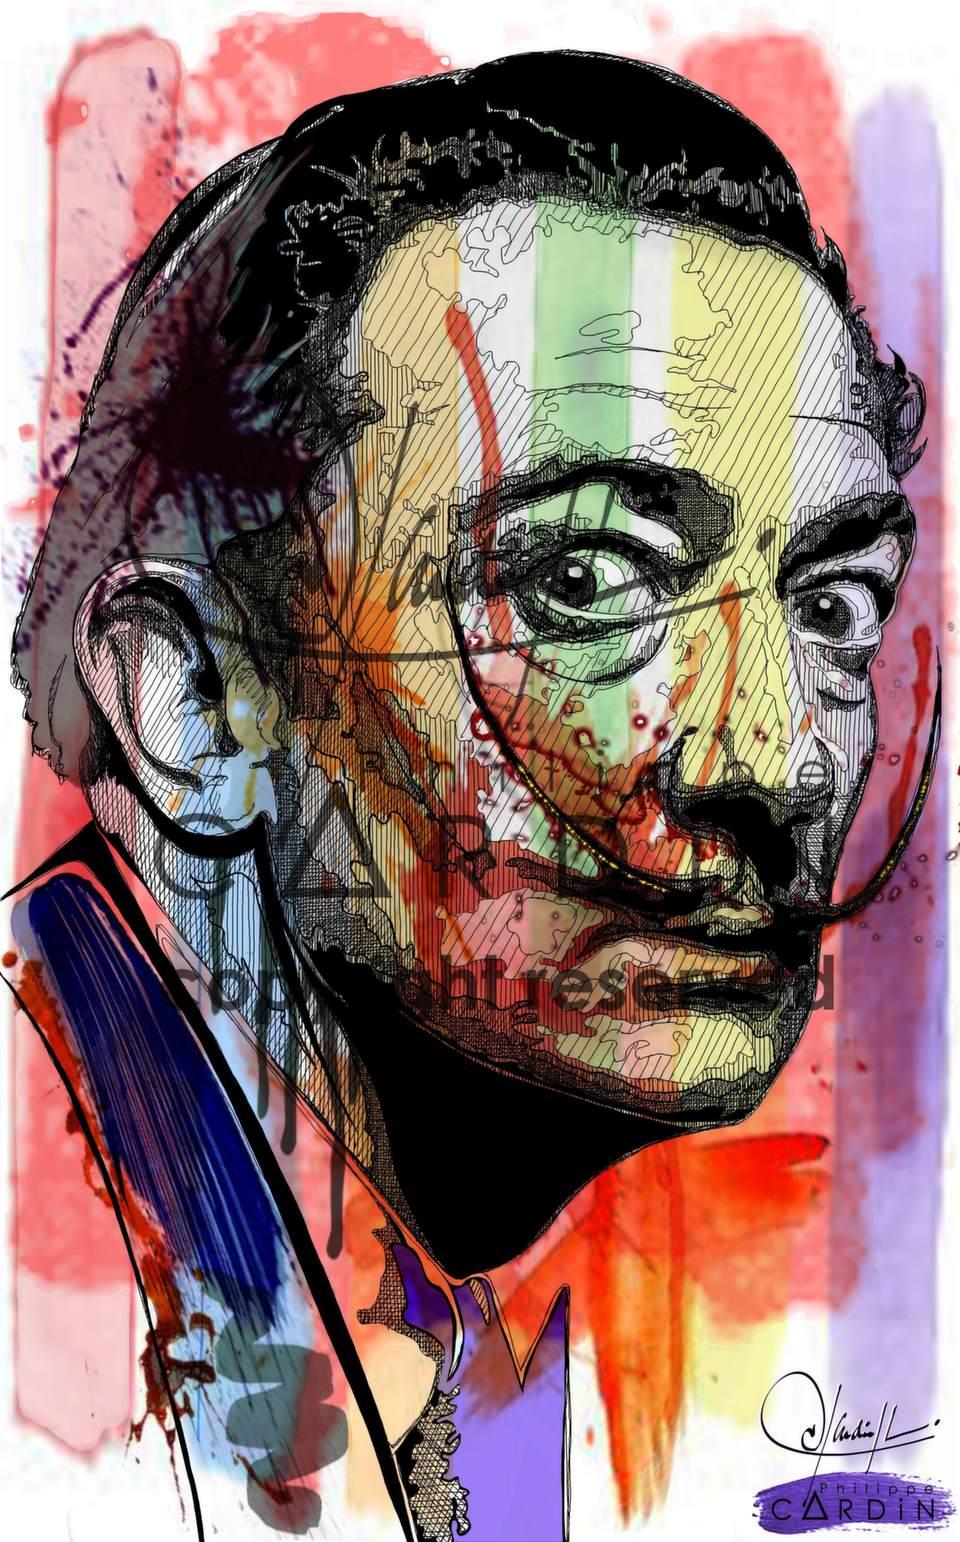 Salvador : Peinture infographique imprimée sur plaque PVC appliquée sur toile D'artiste coton L 73 x H 116 cm